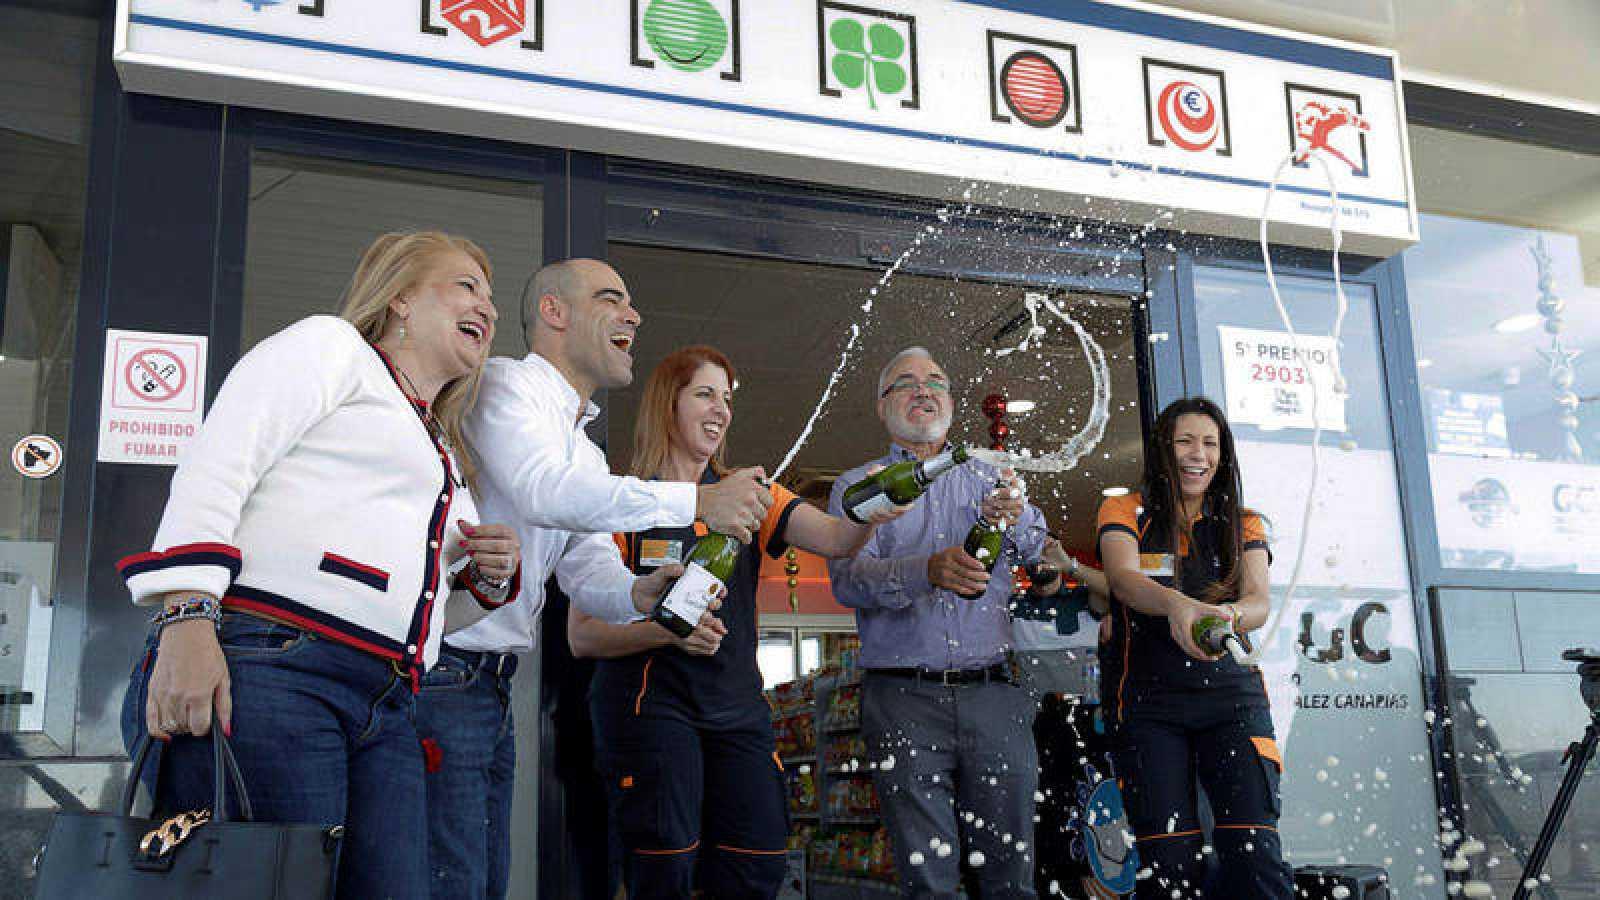 La gasolinera de la suerte de Granadilla de Abona